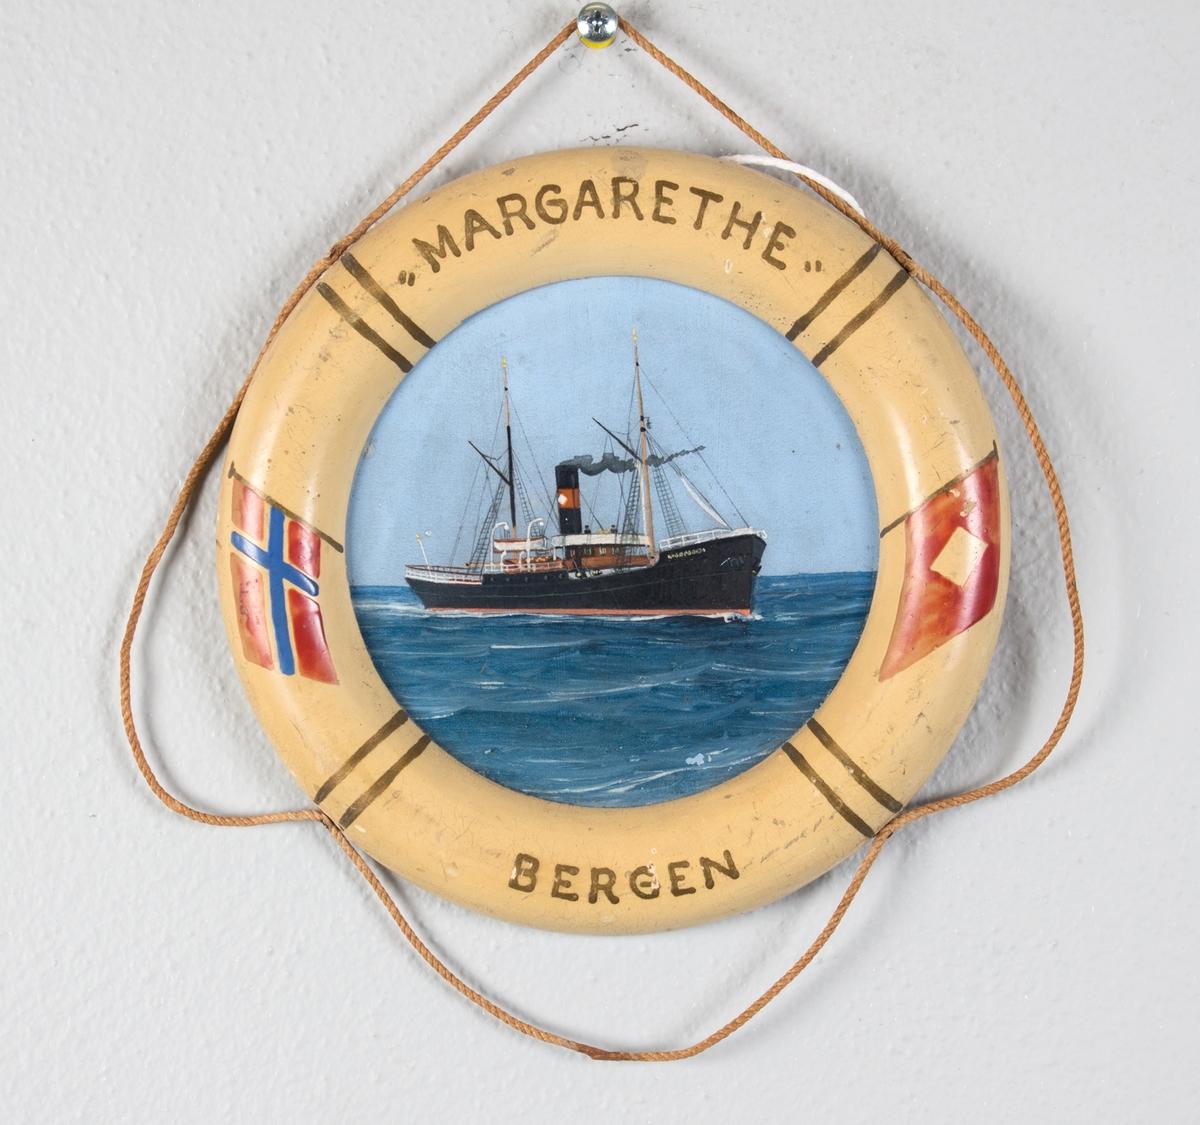 Skipsportrett av DS MARGARETHA på åpent hav. På bøyen er det malt norsk flagg og rederiflagget til R. H. Wesenberg.